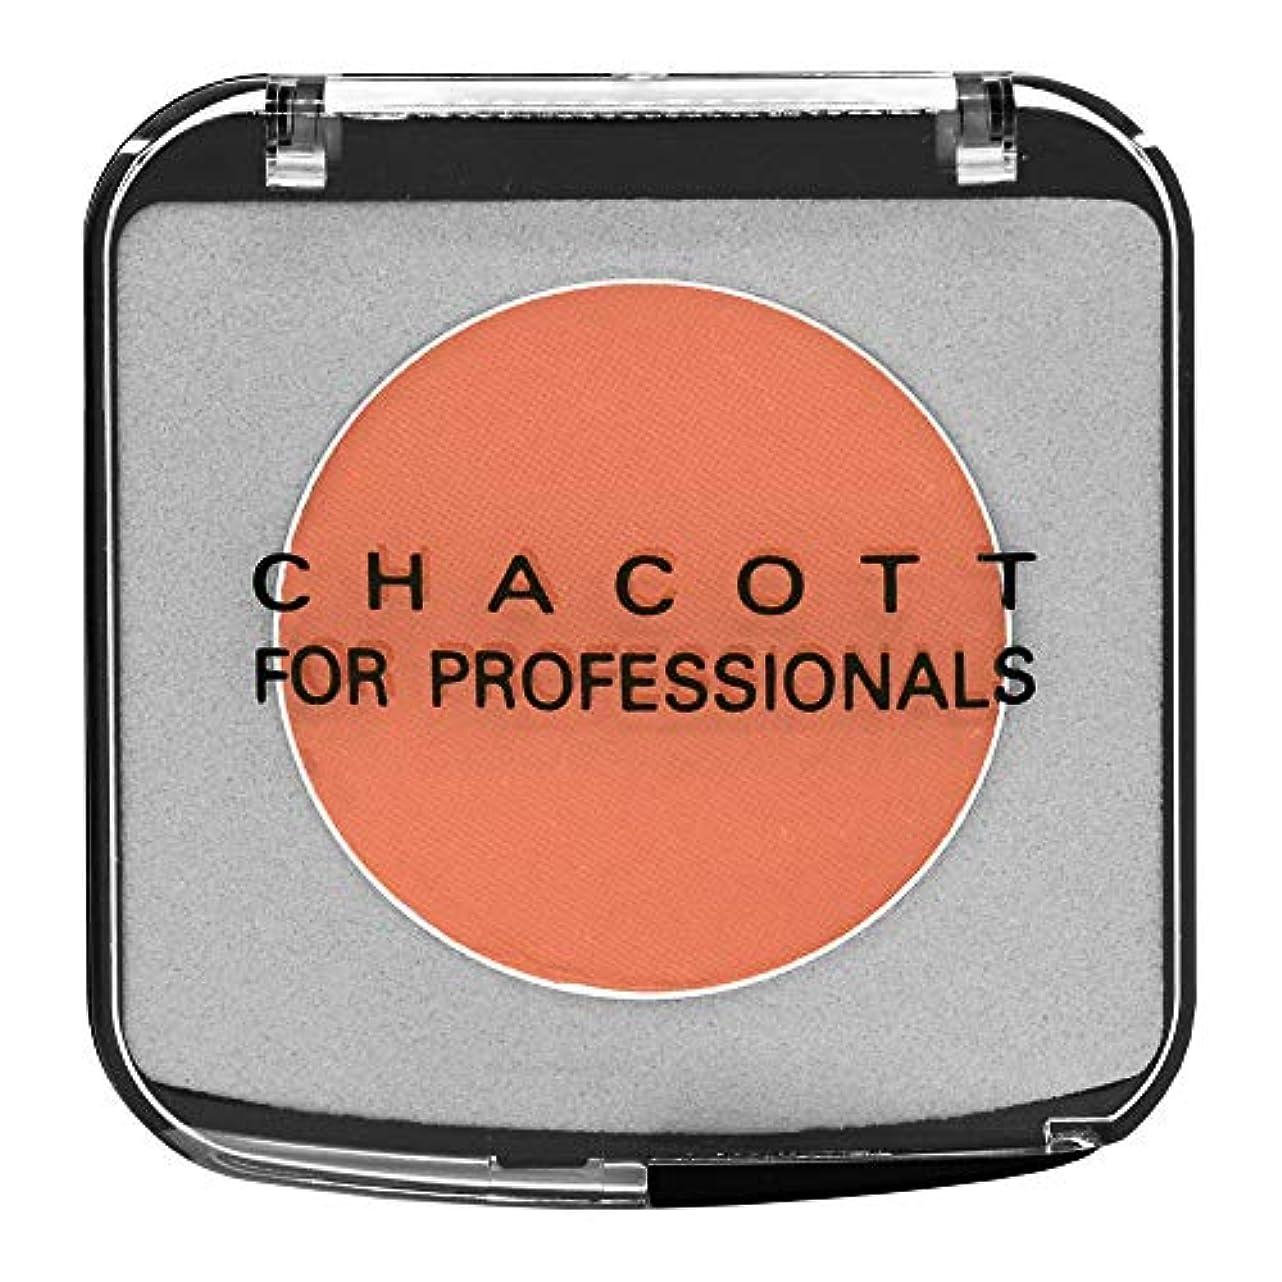 準備した更新起きるCHACOTT<チャコット> カラーバリエーション 623.パンプキン